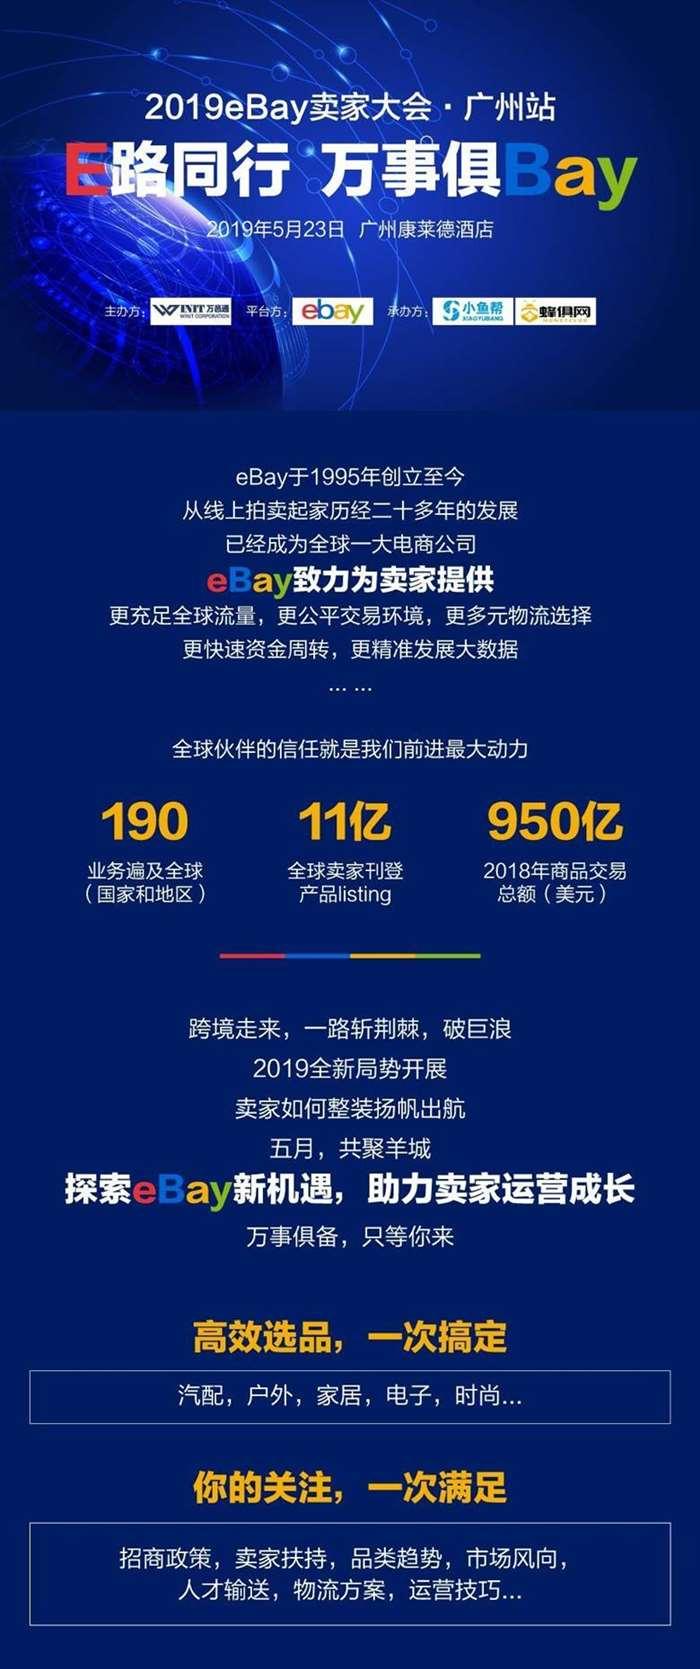 20190523eBay卖家大会广州站_3.png